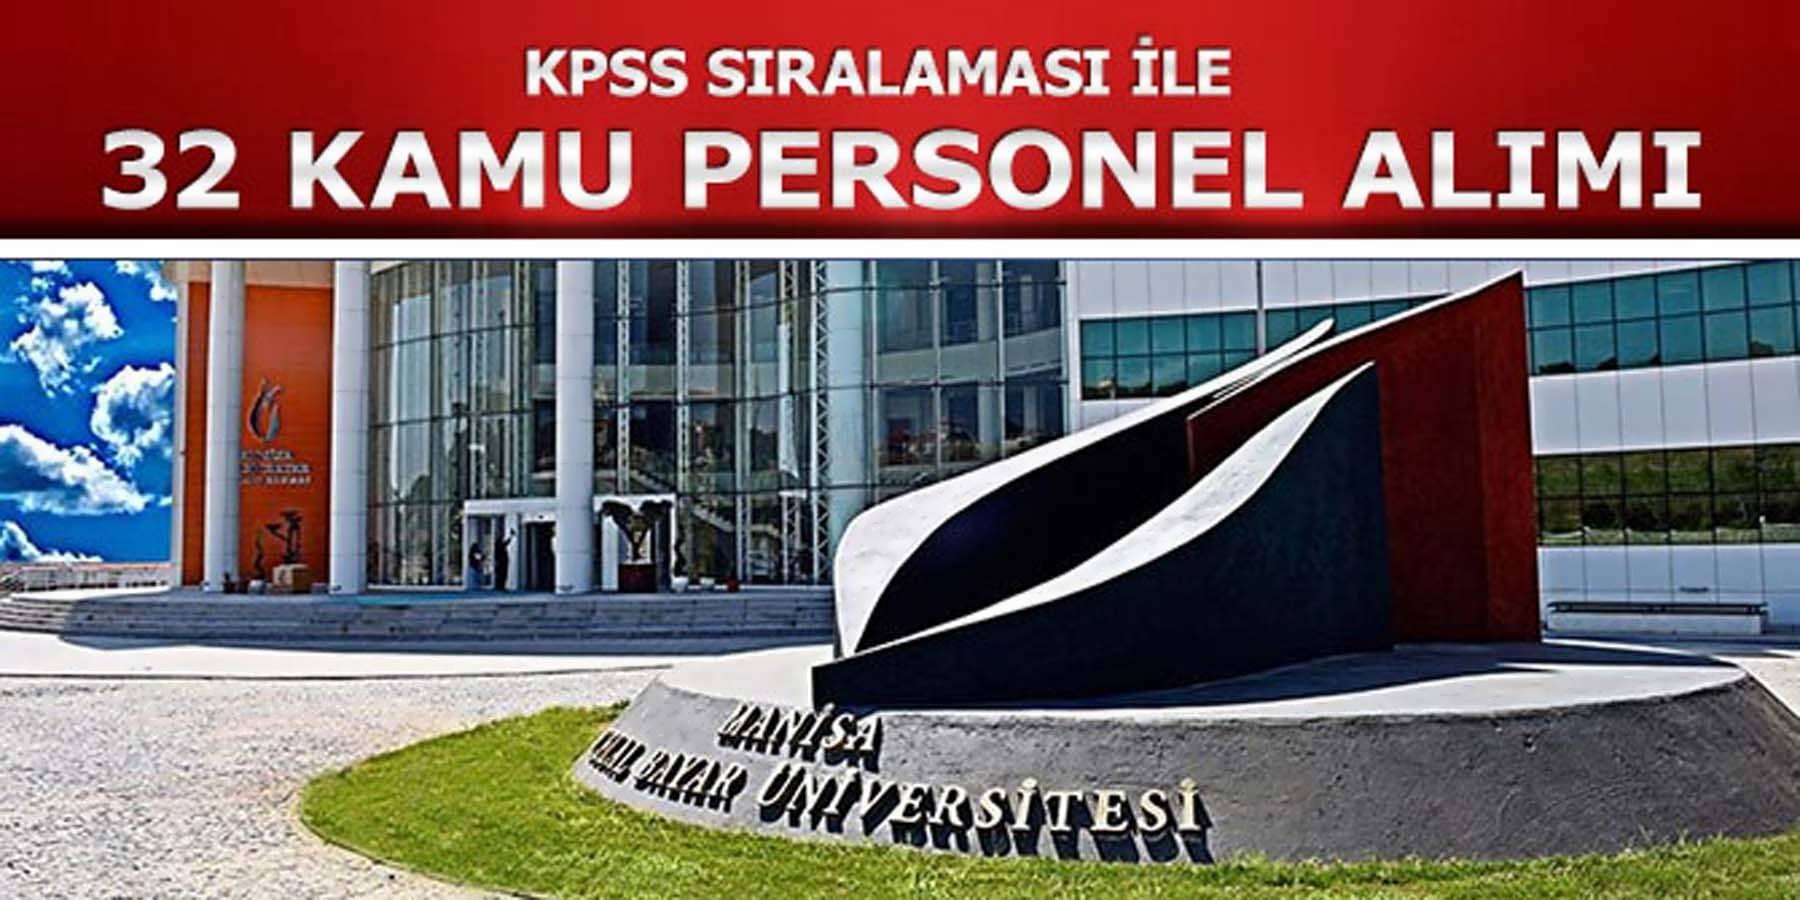 Celal Bayar Üniversitesi 32 Kamu Personeli Alımı